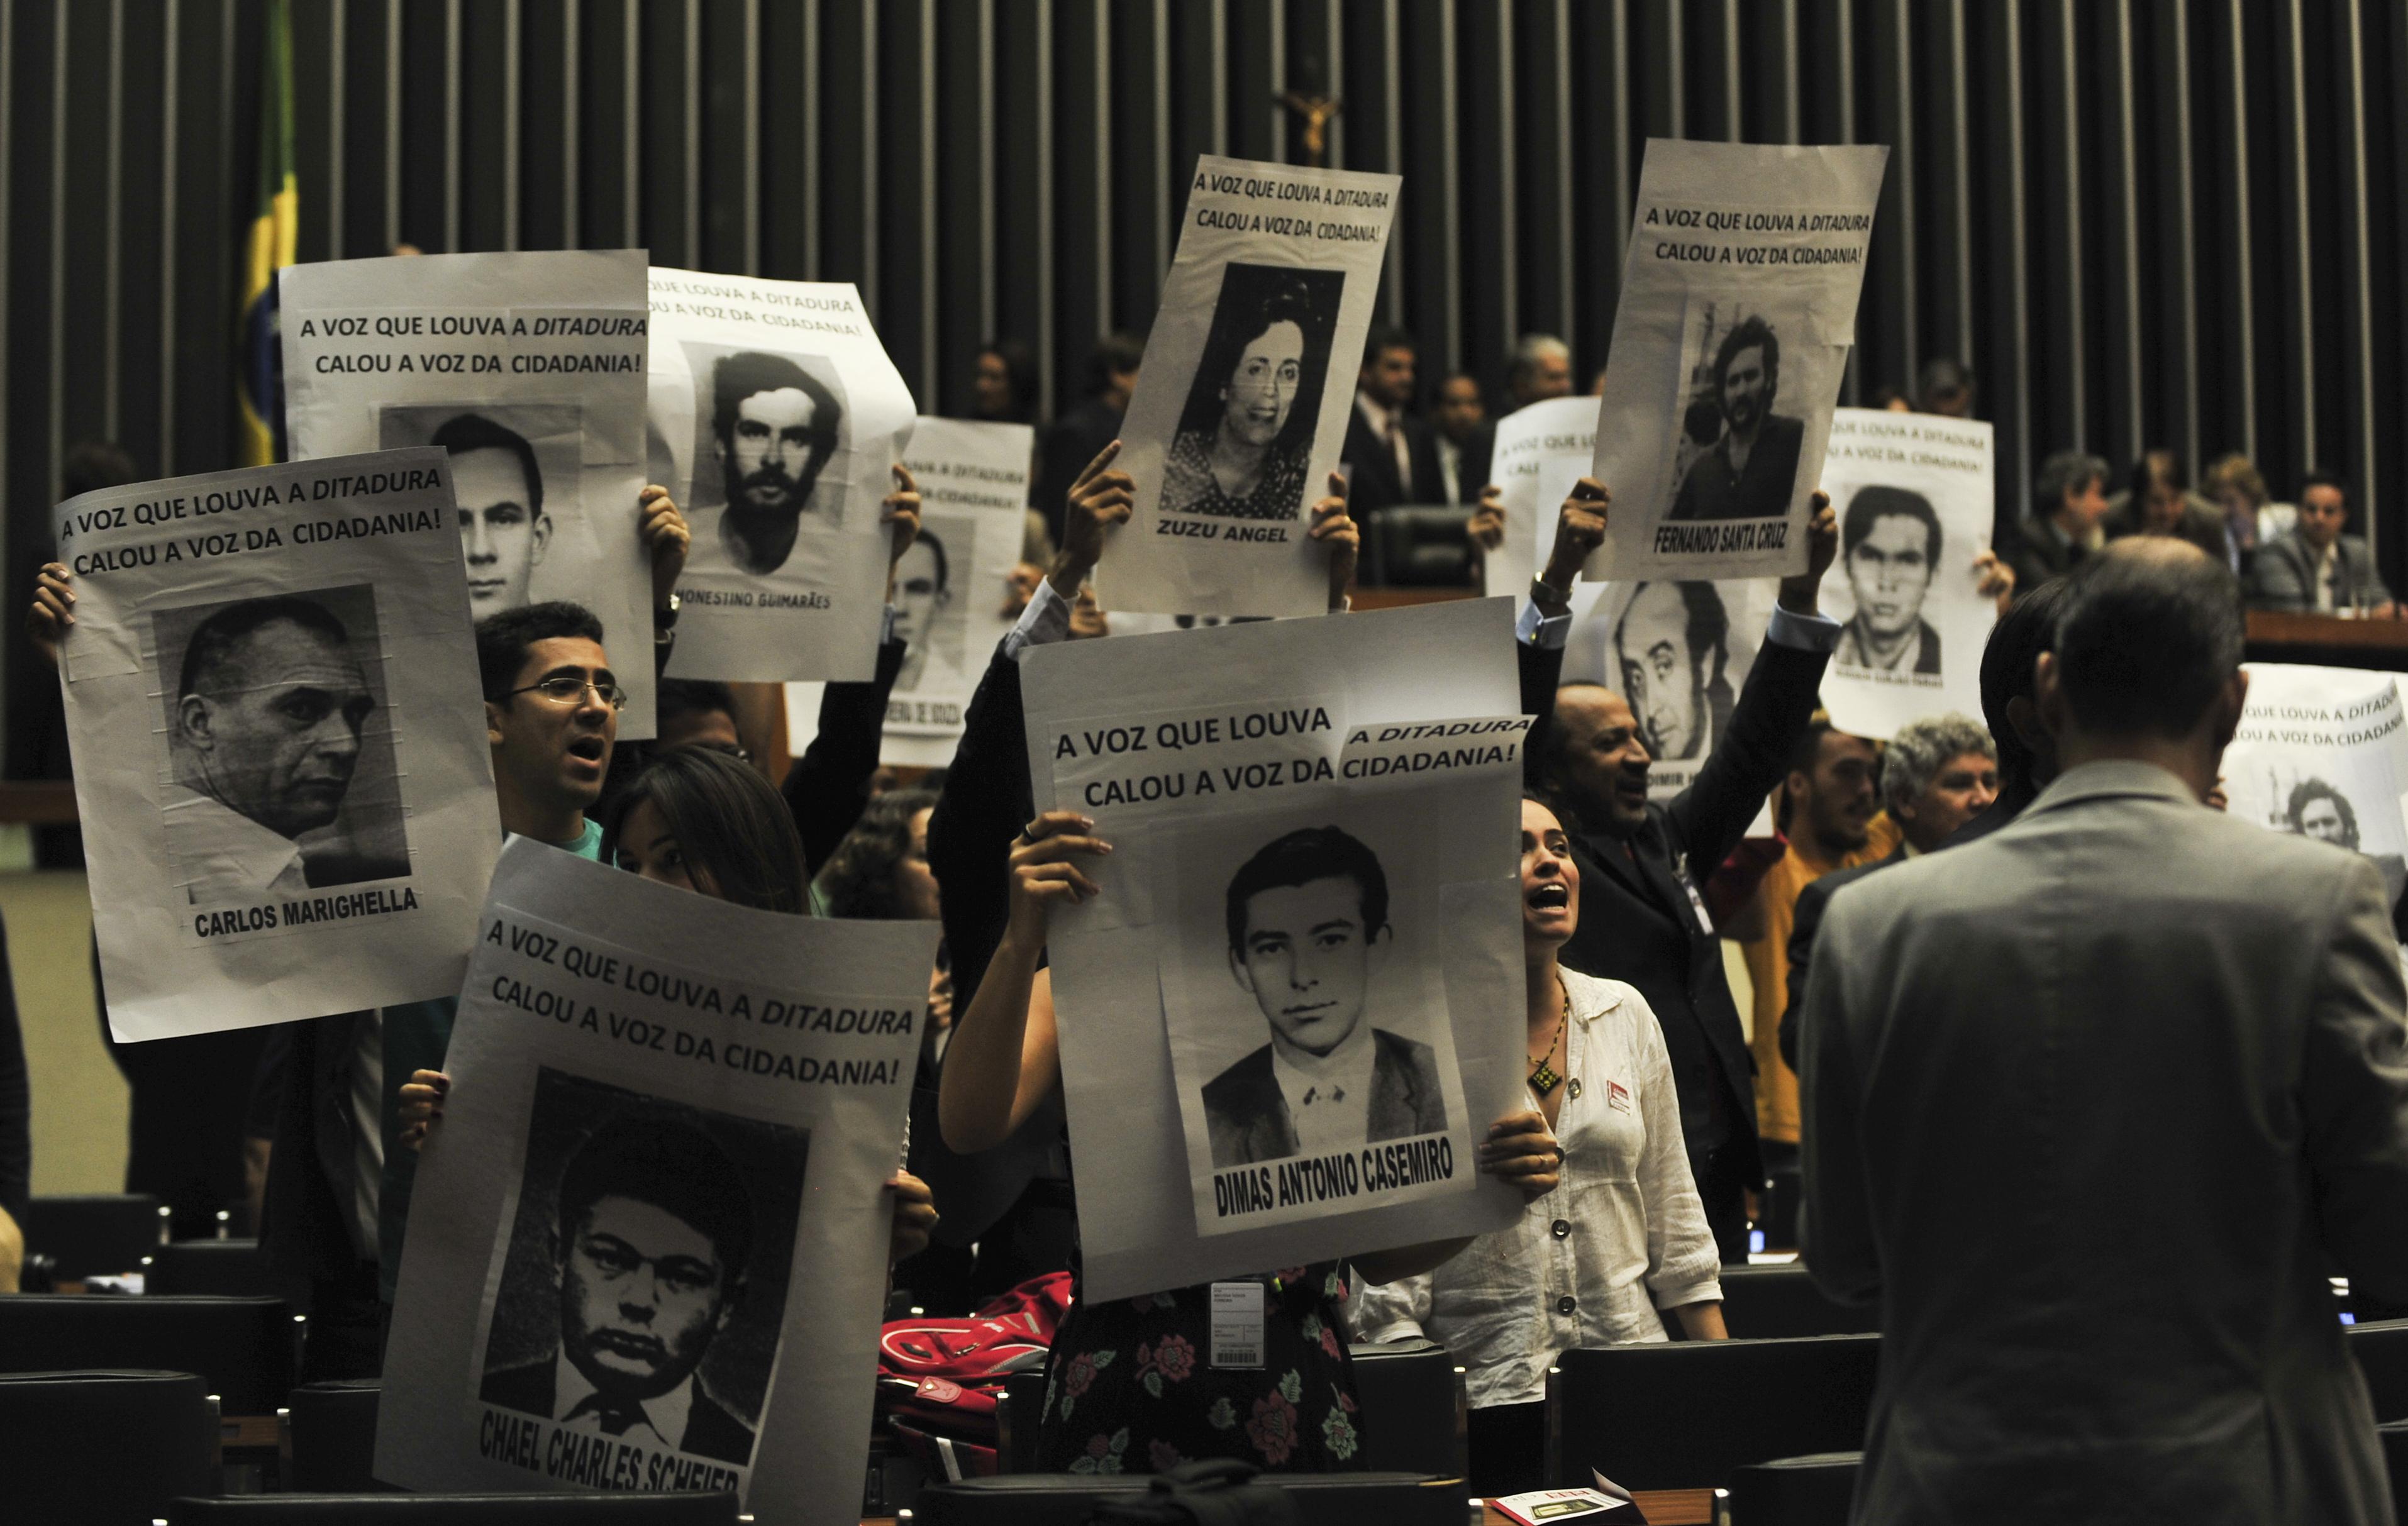 Brasil deve contar com mecanismos nacionais, os quais devem ter a garantia da independência funcional e de seu pessoal.